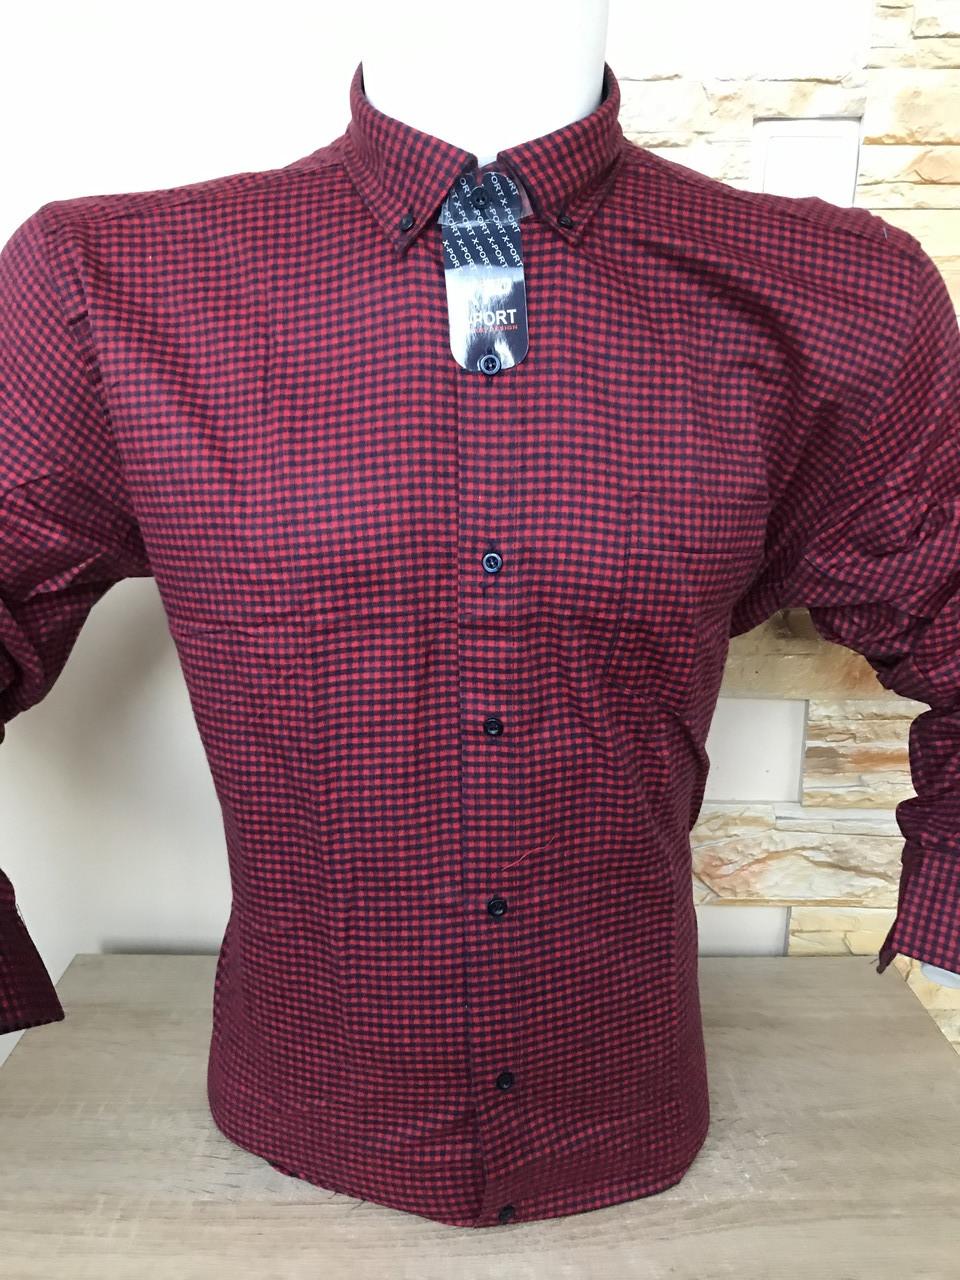 Мужская рубашка кашемир X-Port